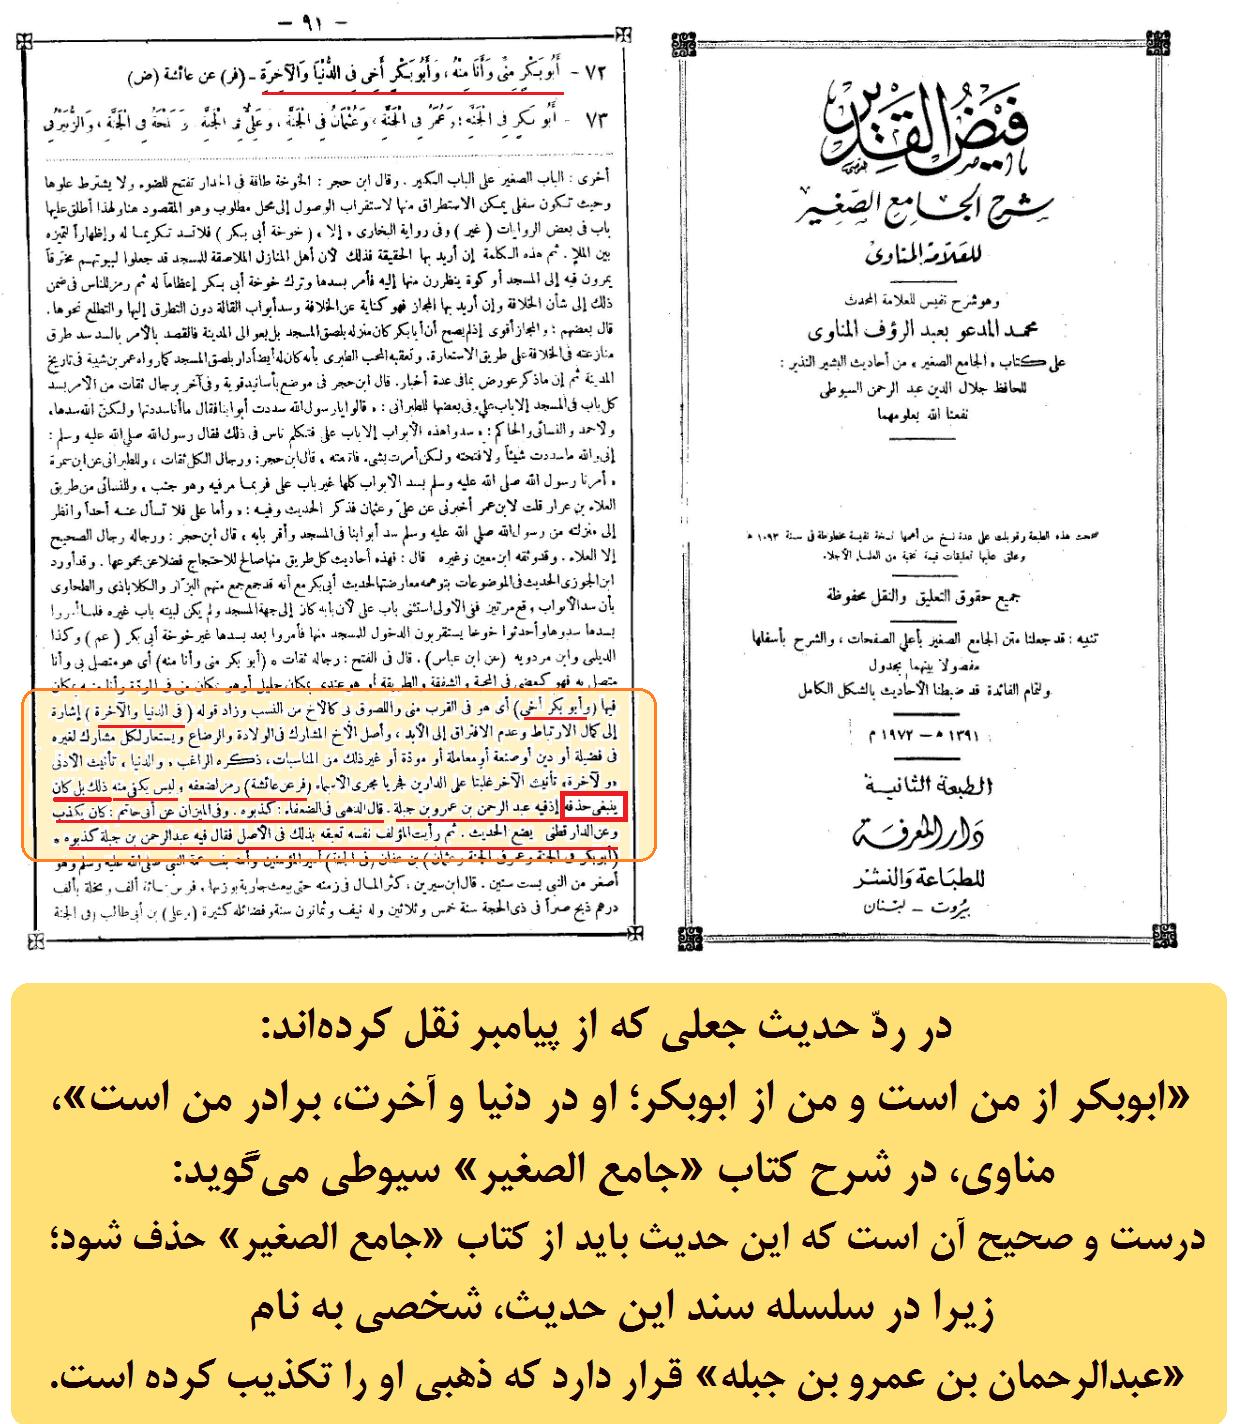 پیشنهاد مناوی برای حذف حدیث جعلی در فضیلت ابوبکر از کتاب سیوطی